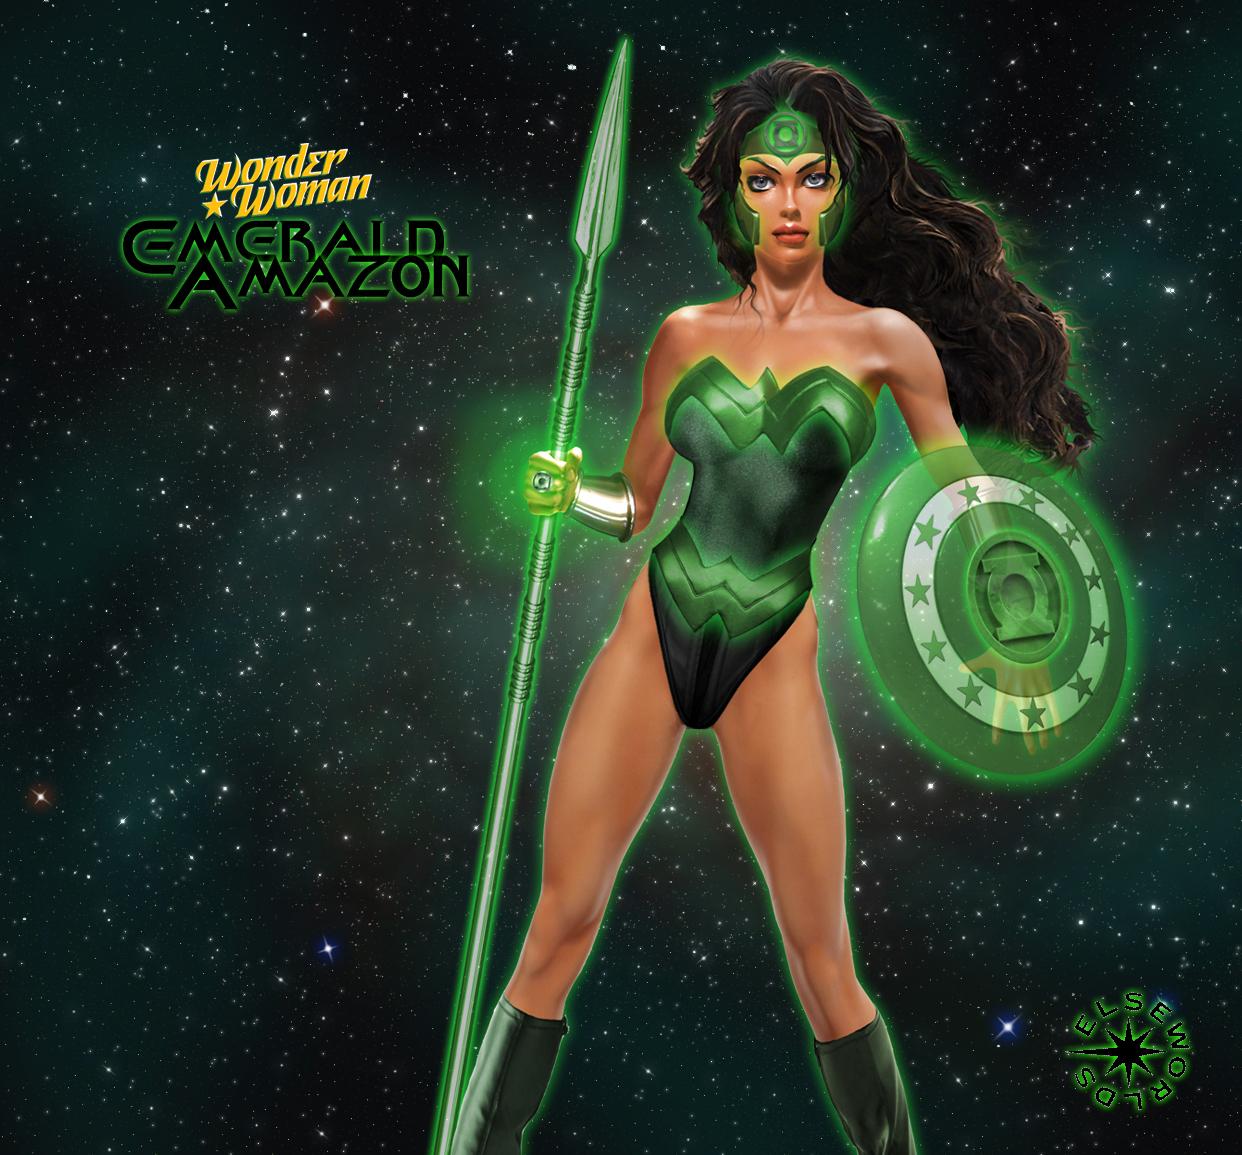 Emerald Amazon